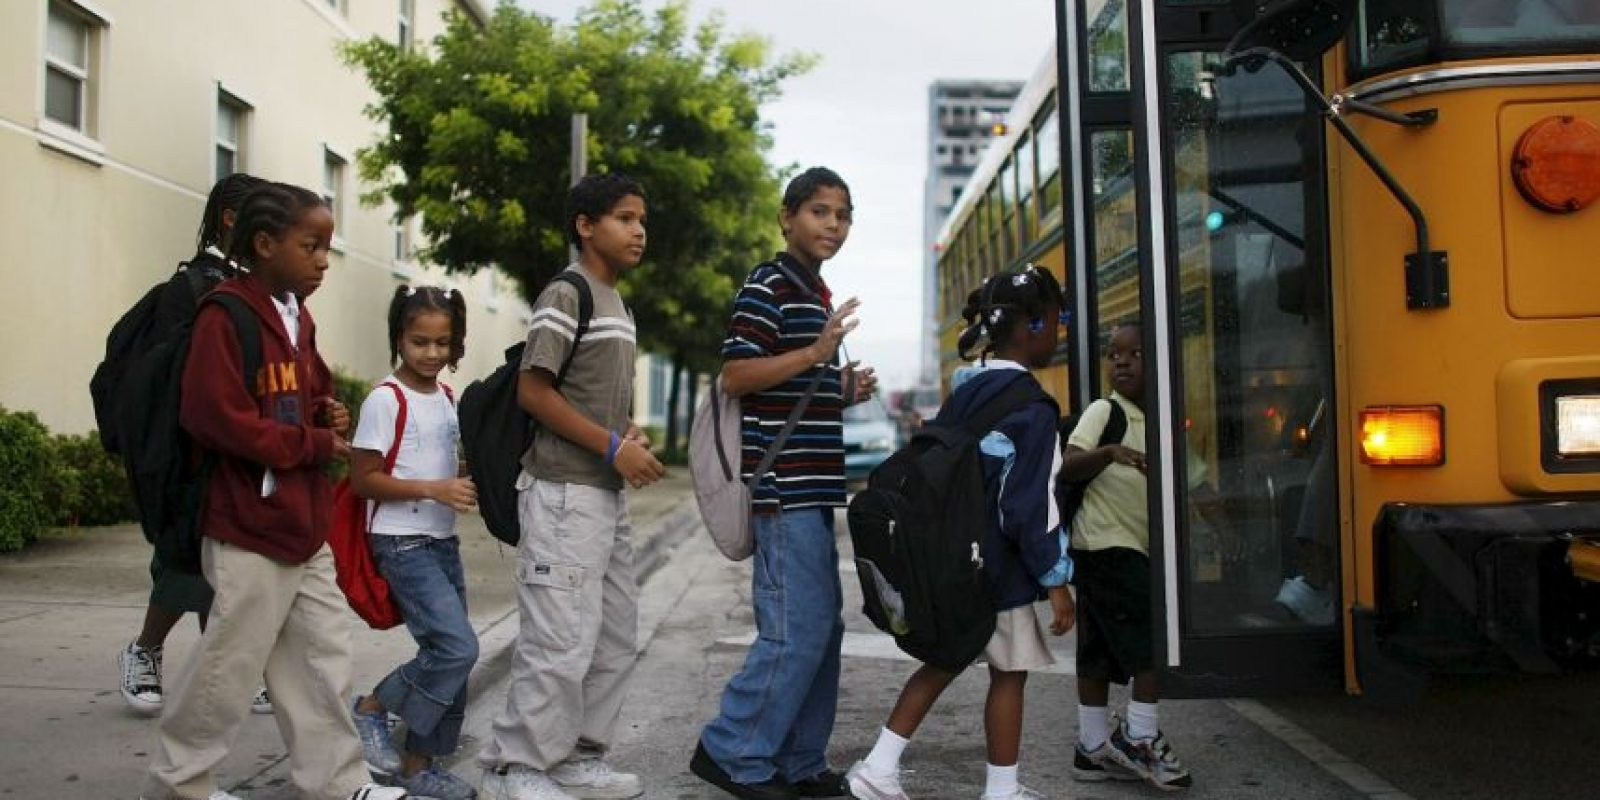 """""""Los maestros no deben 'ensuciarse' manteniendo relaciones con alumnos ni nada por el estilo"""". Foto:Getty Images"""